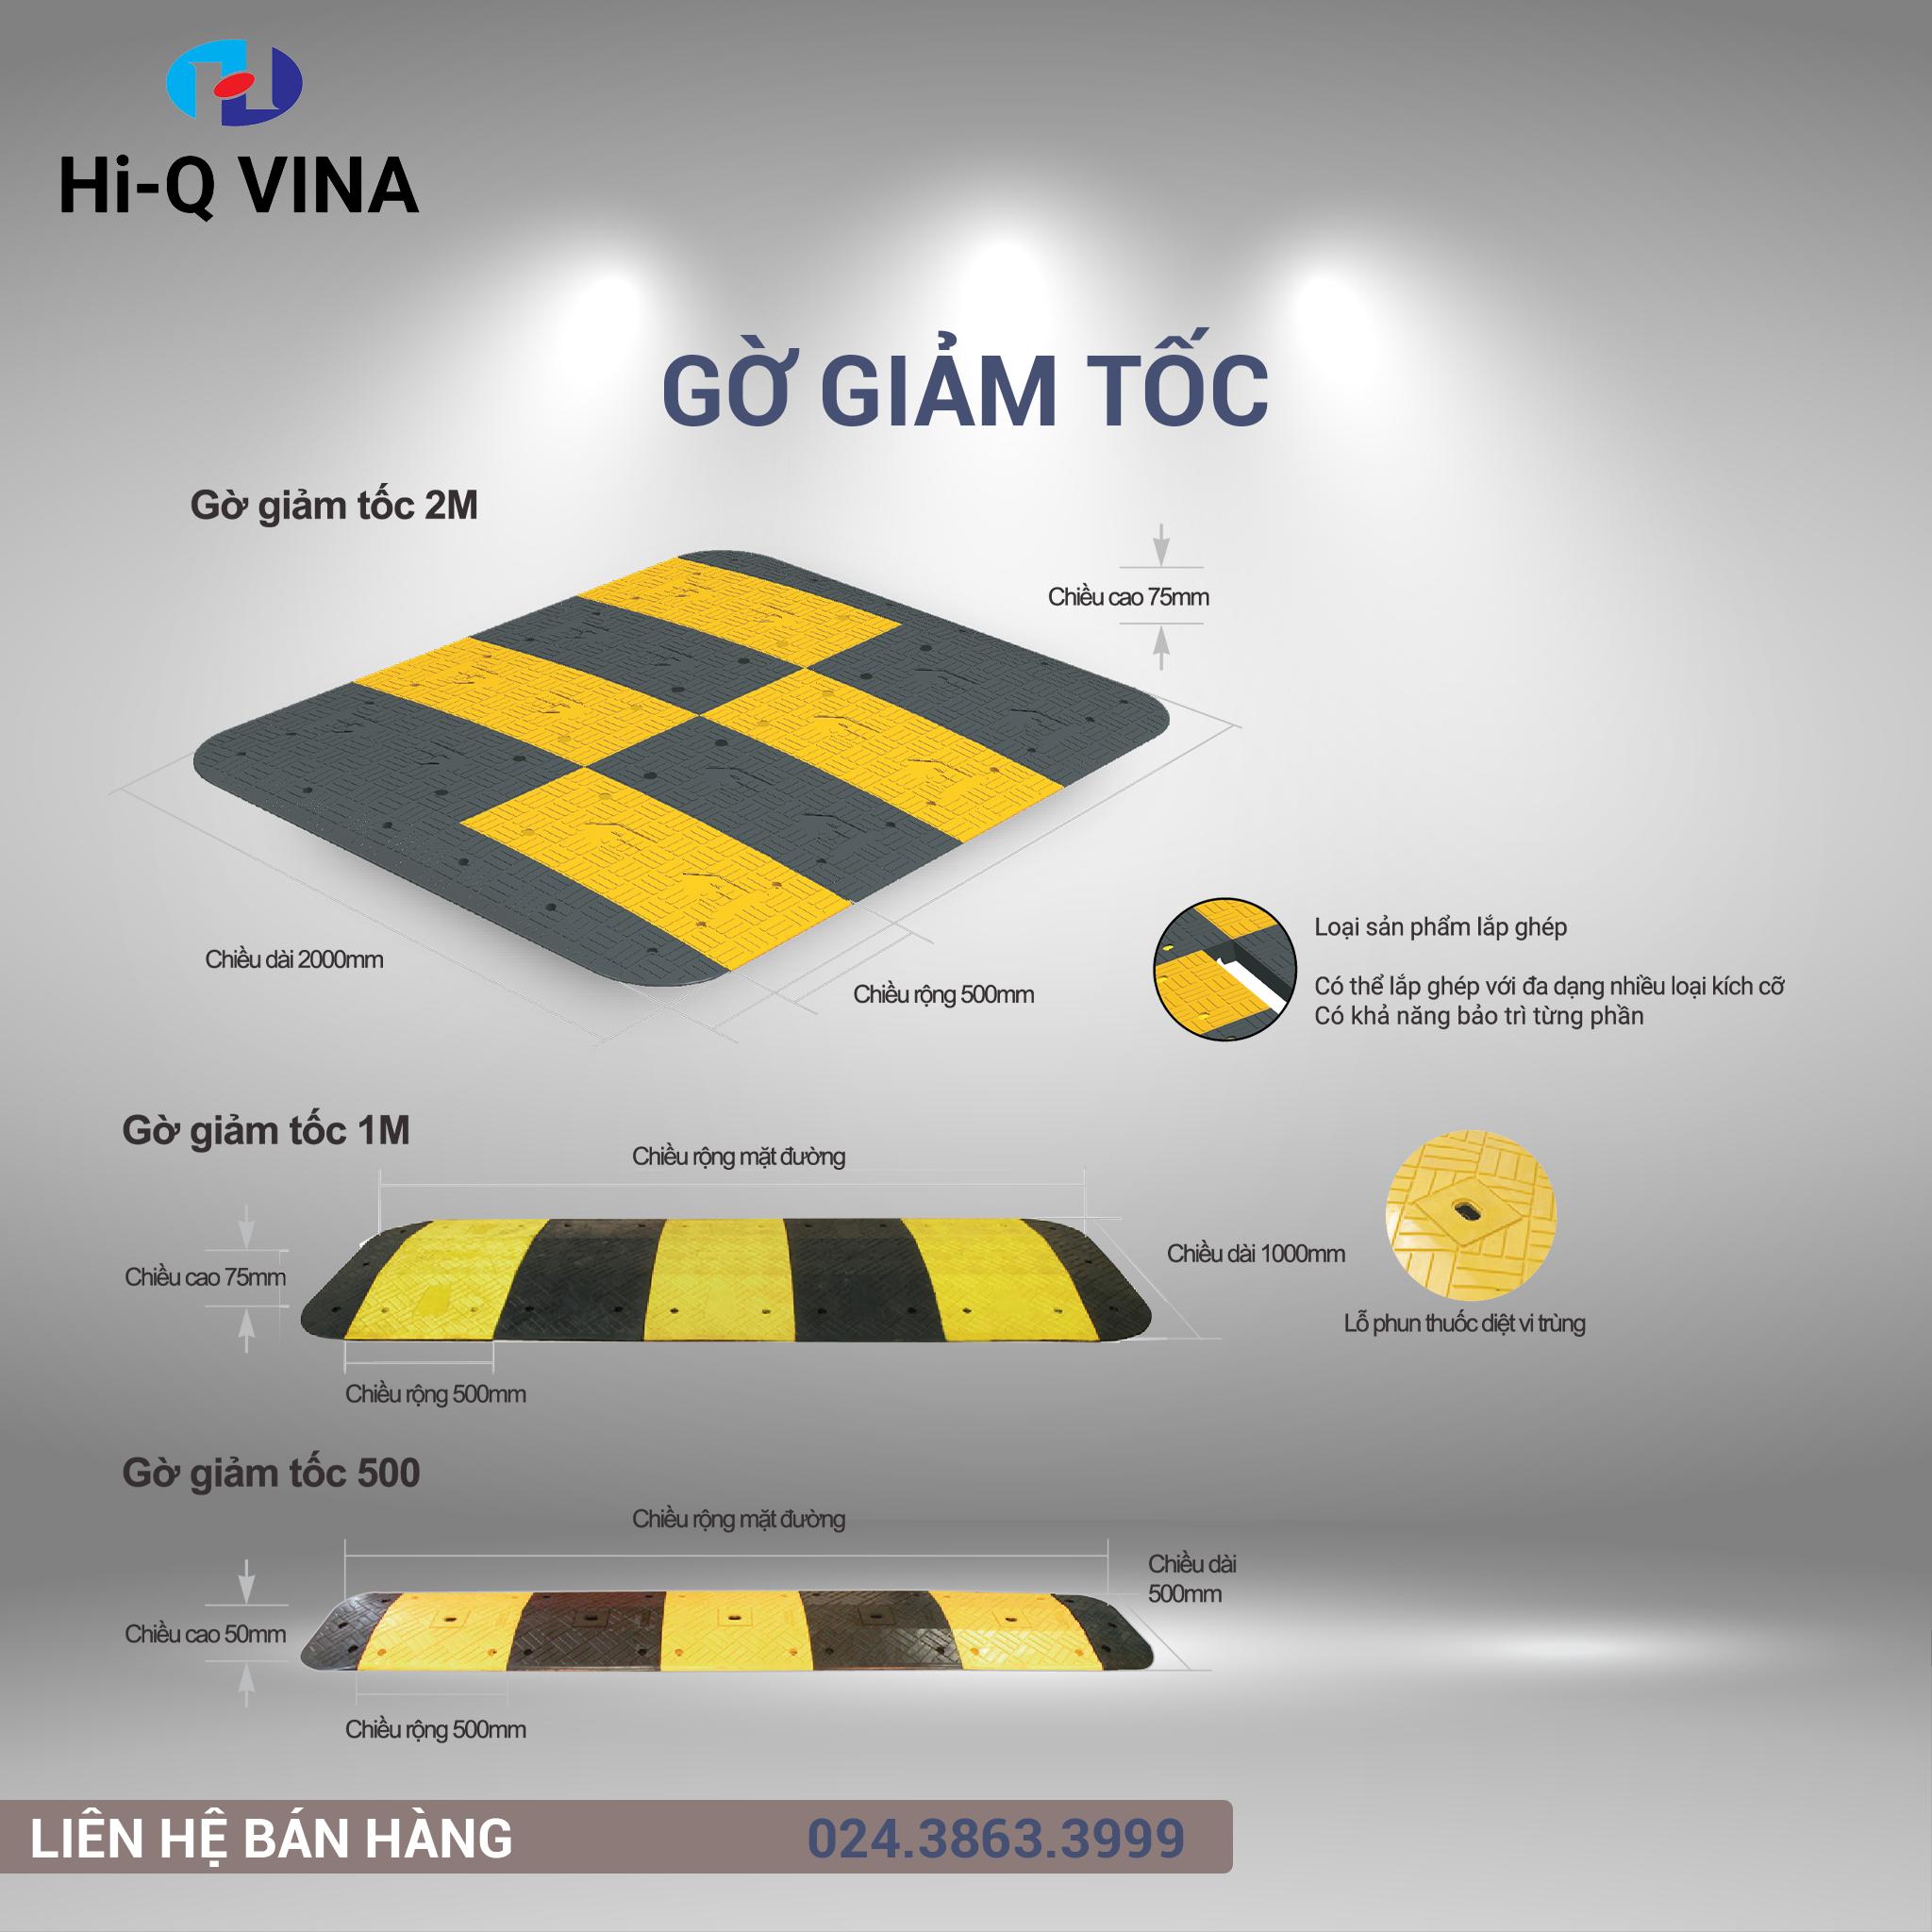 6-Go Giam Toc